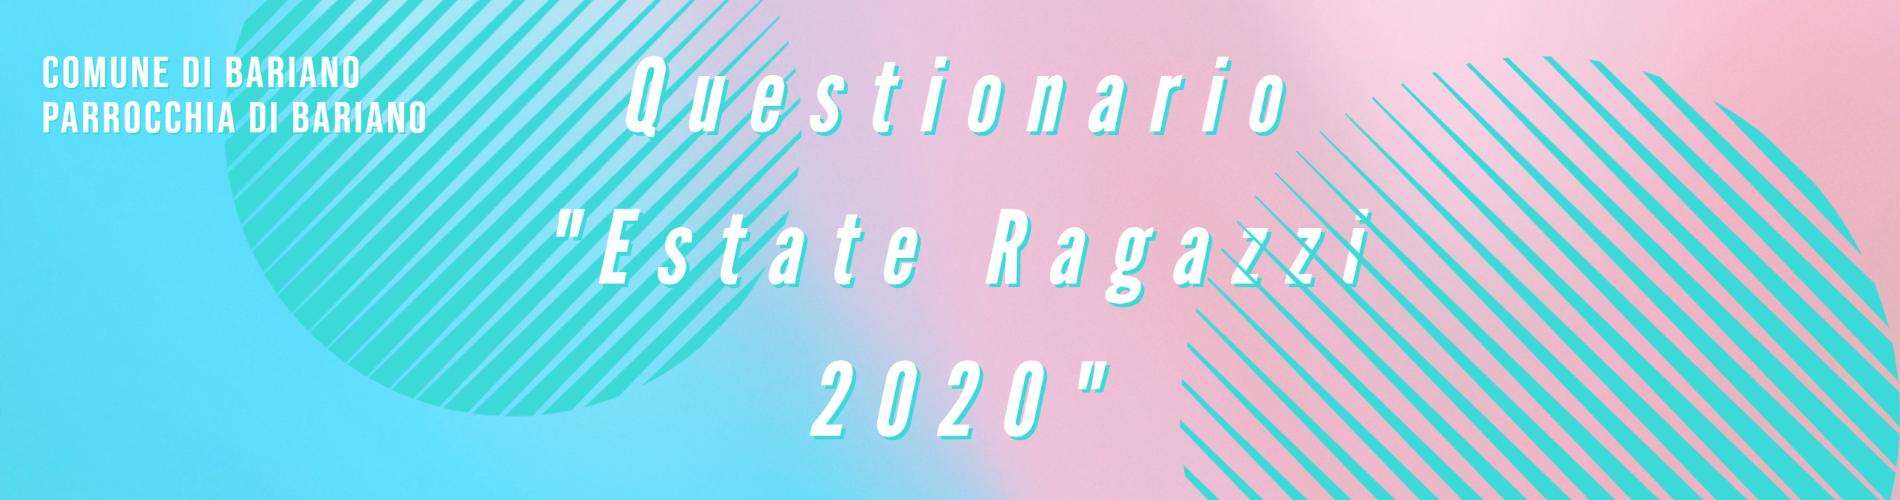 Estate Ragazzi 2020